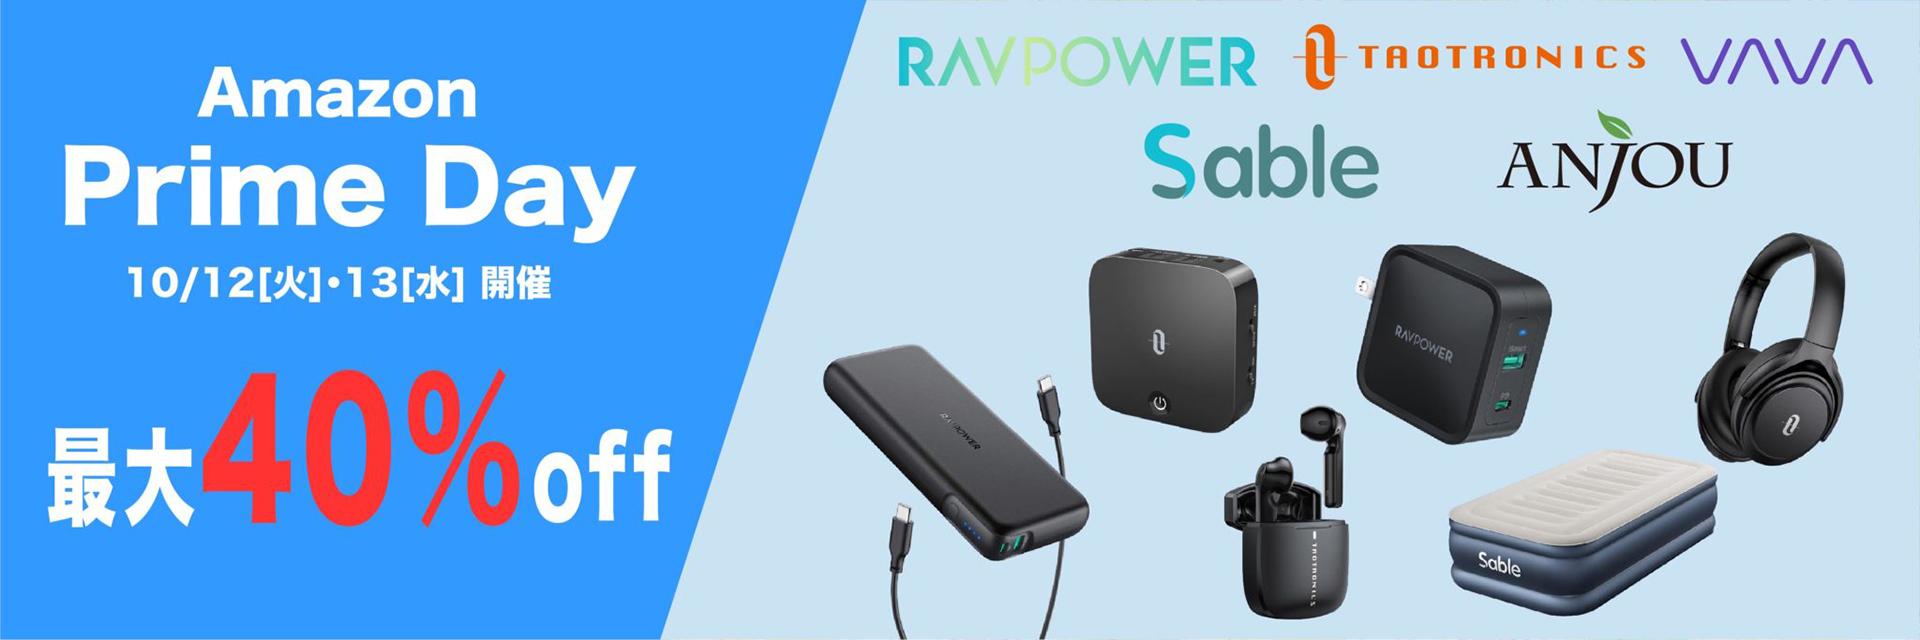 AmazonプライムデーでRAVPowerのモバイルバッテリーやUSB PD充電器などが最大40%オフの超特価